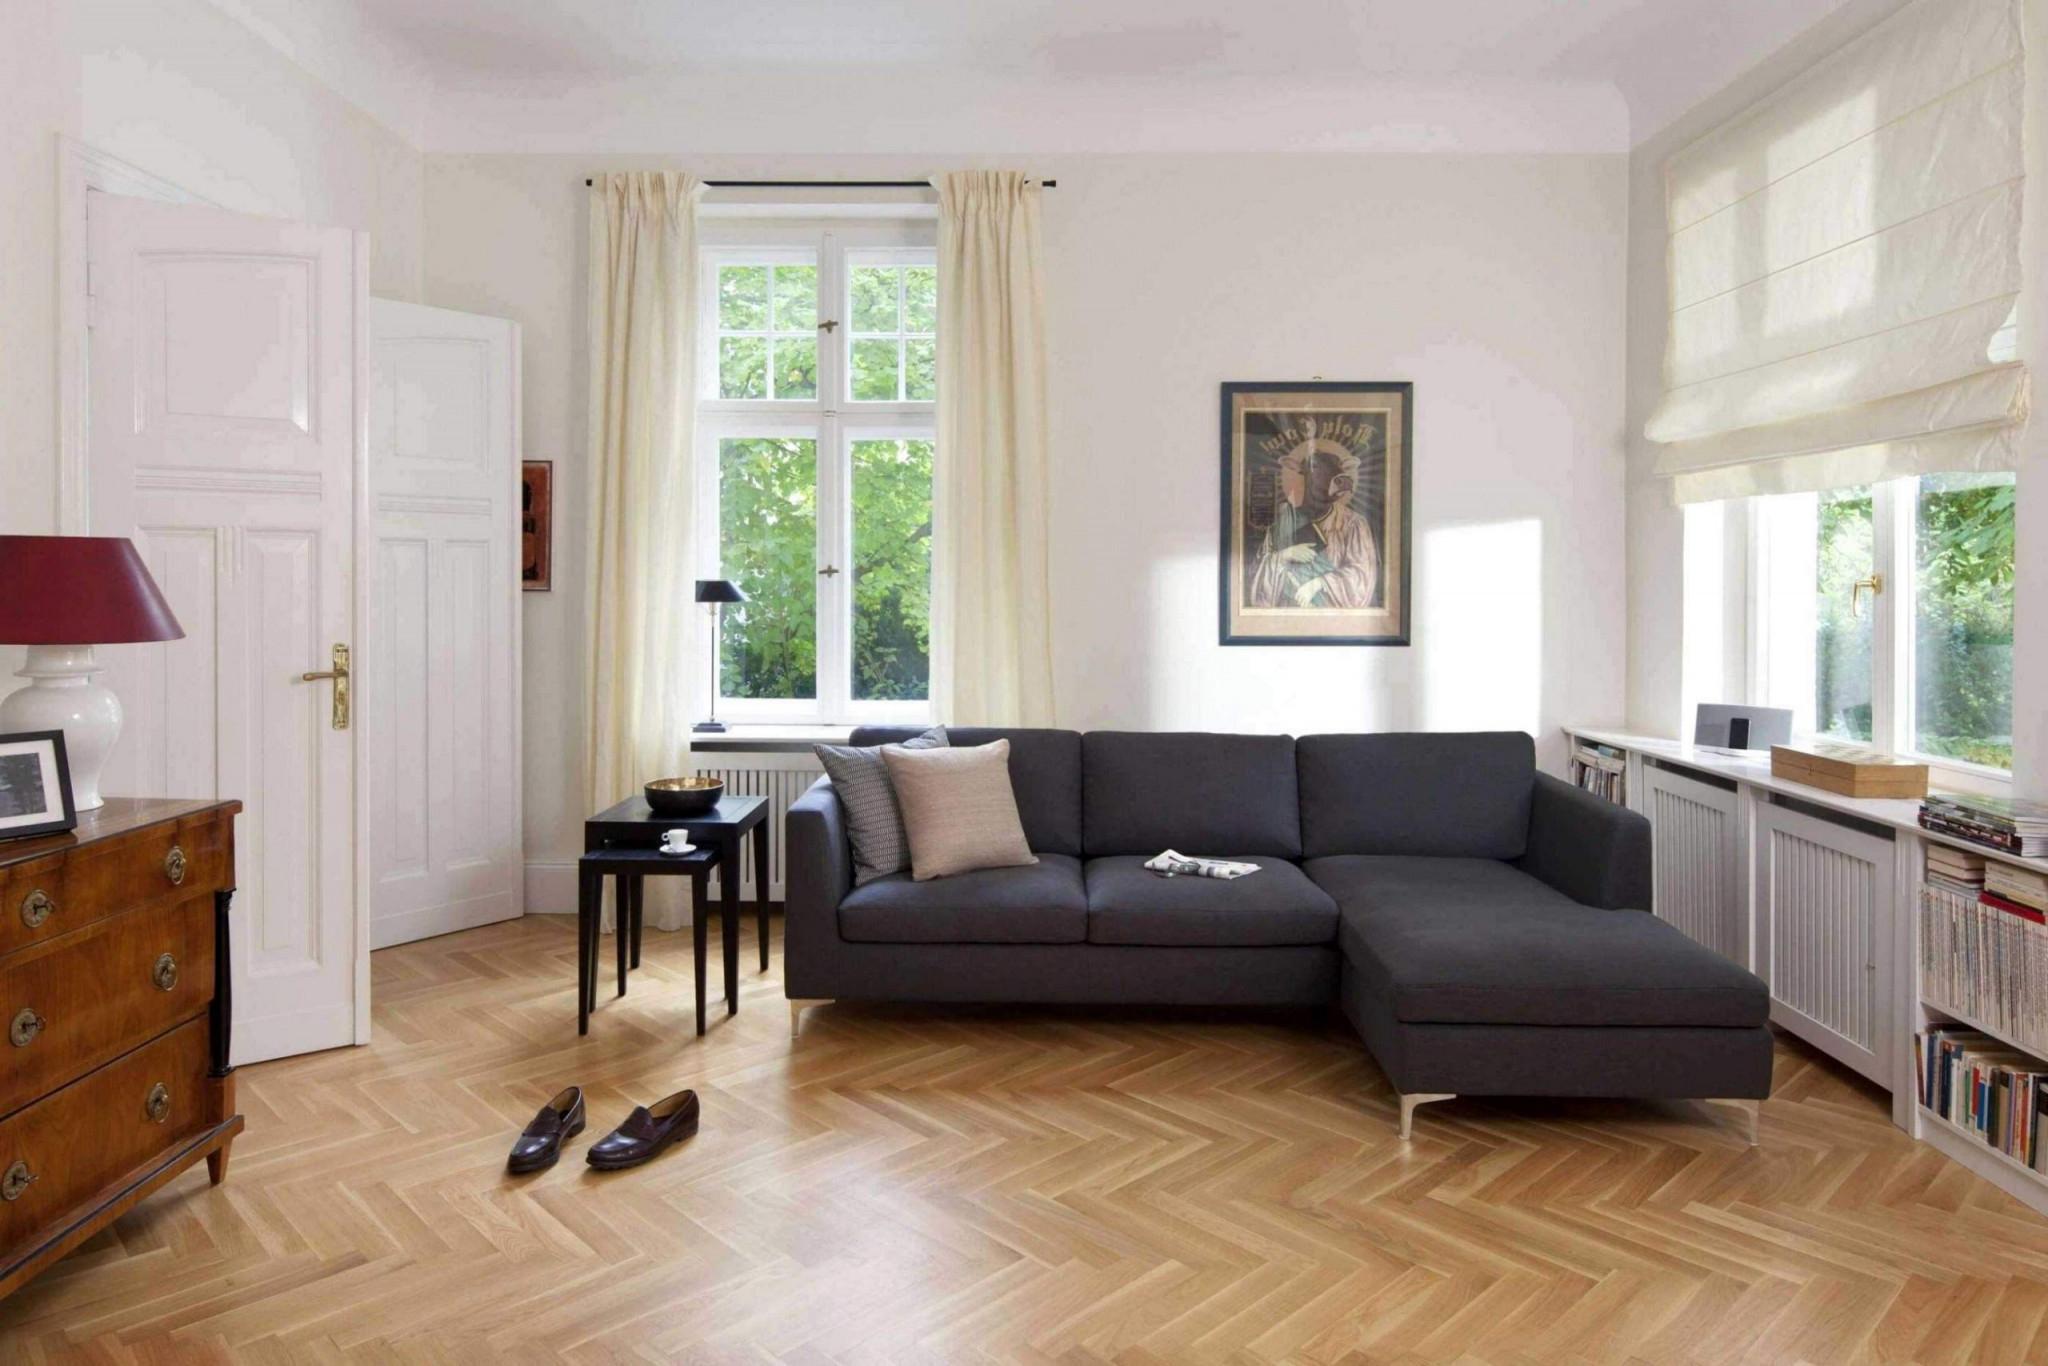 Kleines Wohnzimmer Ideen Einzigartig 40 Tolle Von Kleines von Kleines Wohnzimmer Ideen Photo